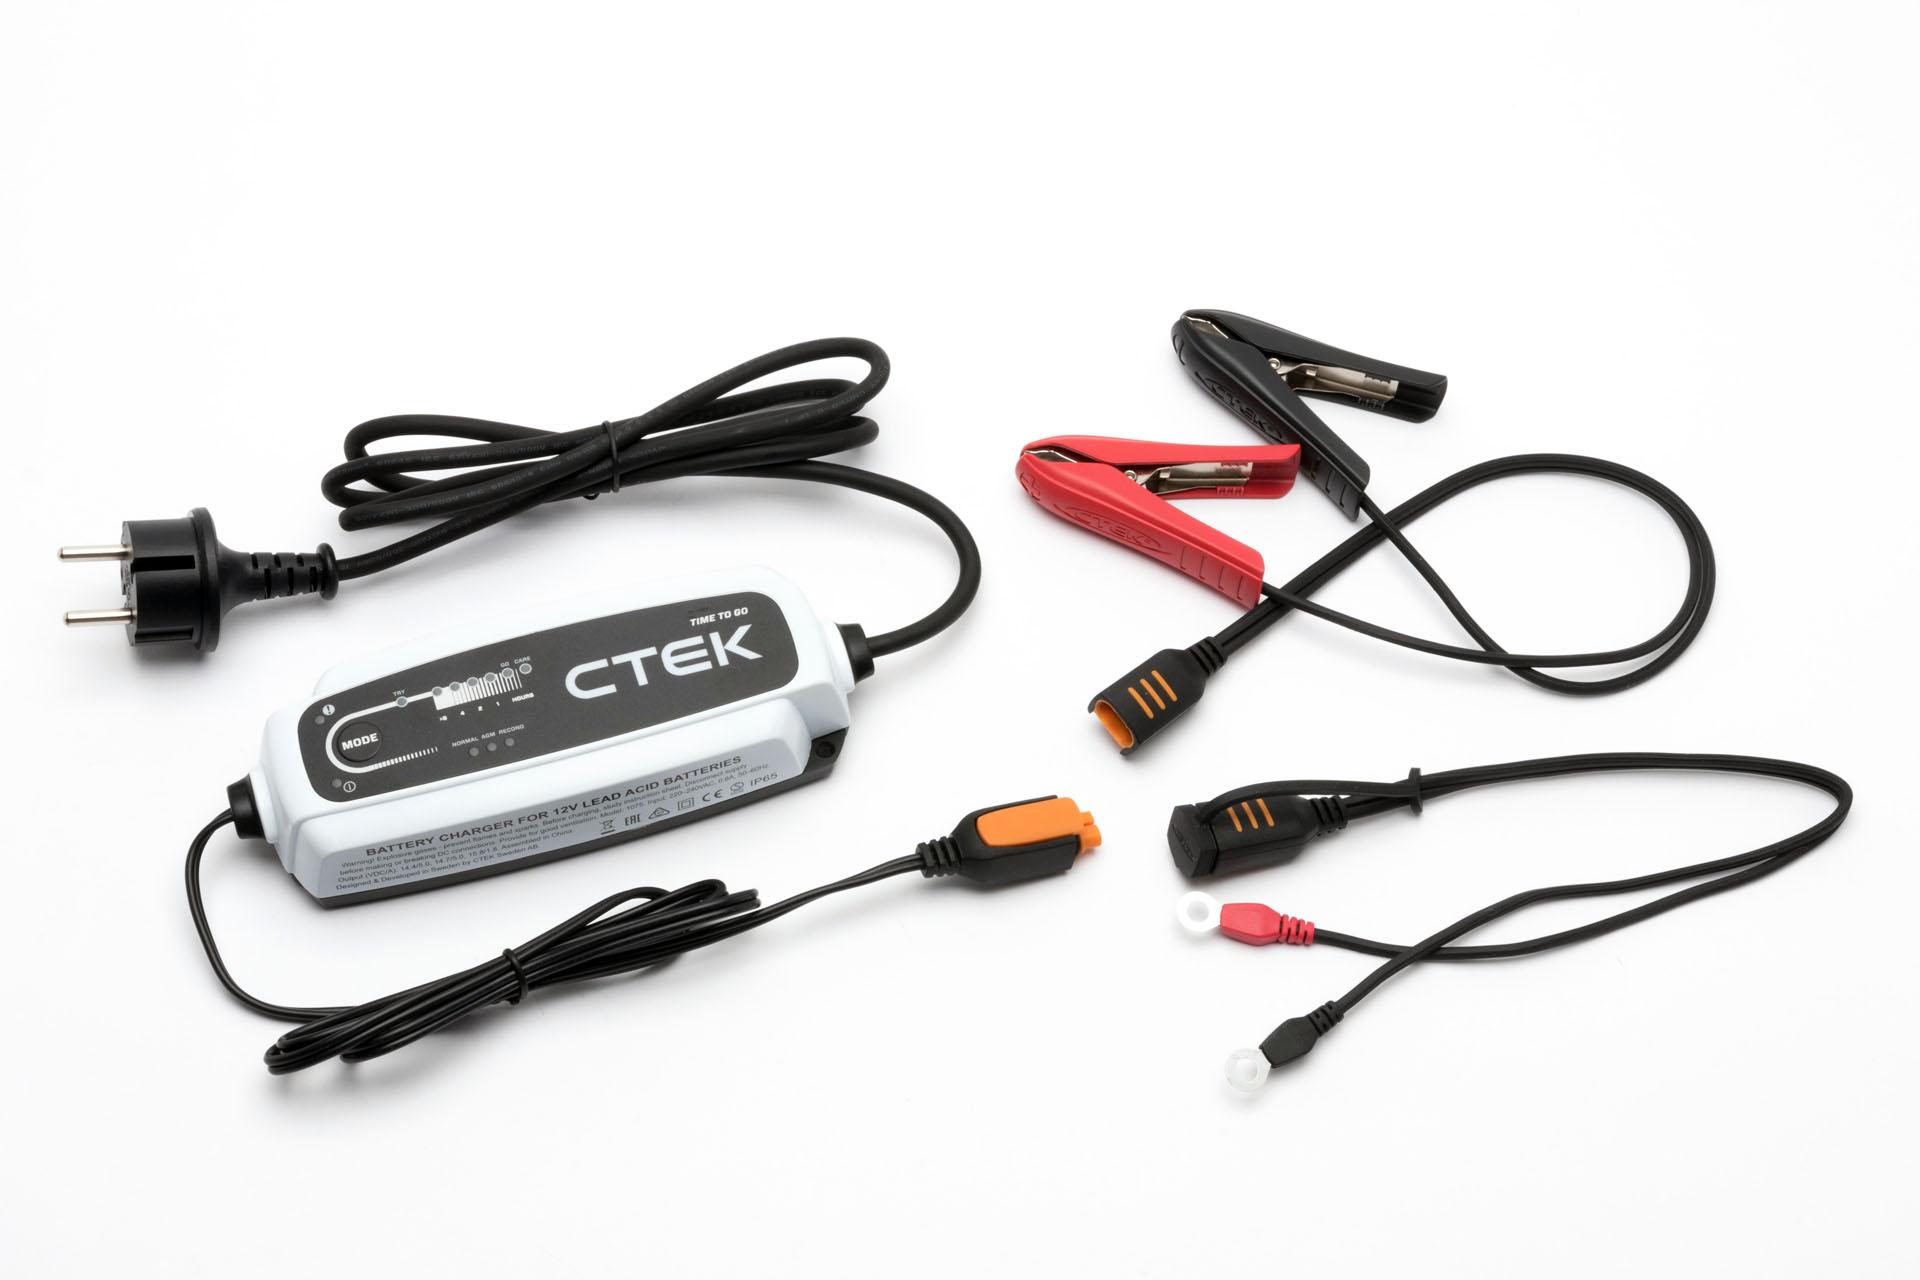 Автомобильное зарядное устройство CTEK CT5 TIME TO GO